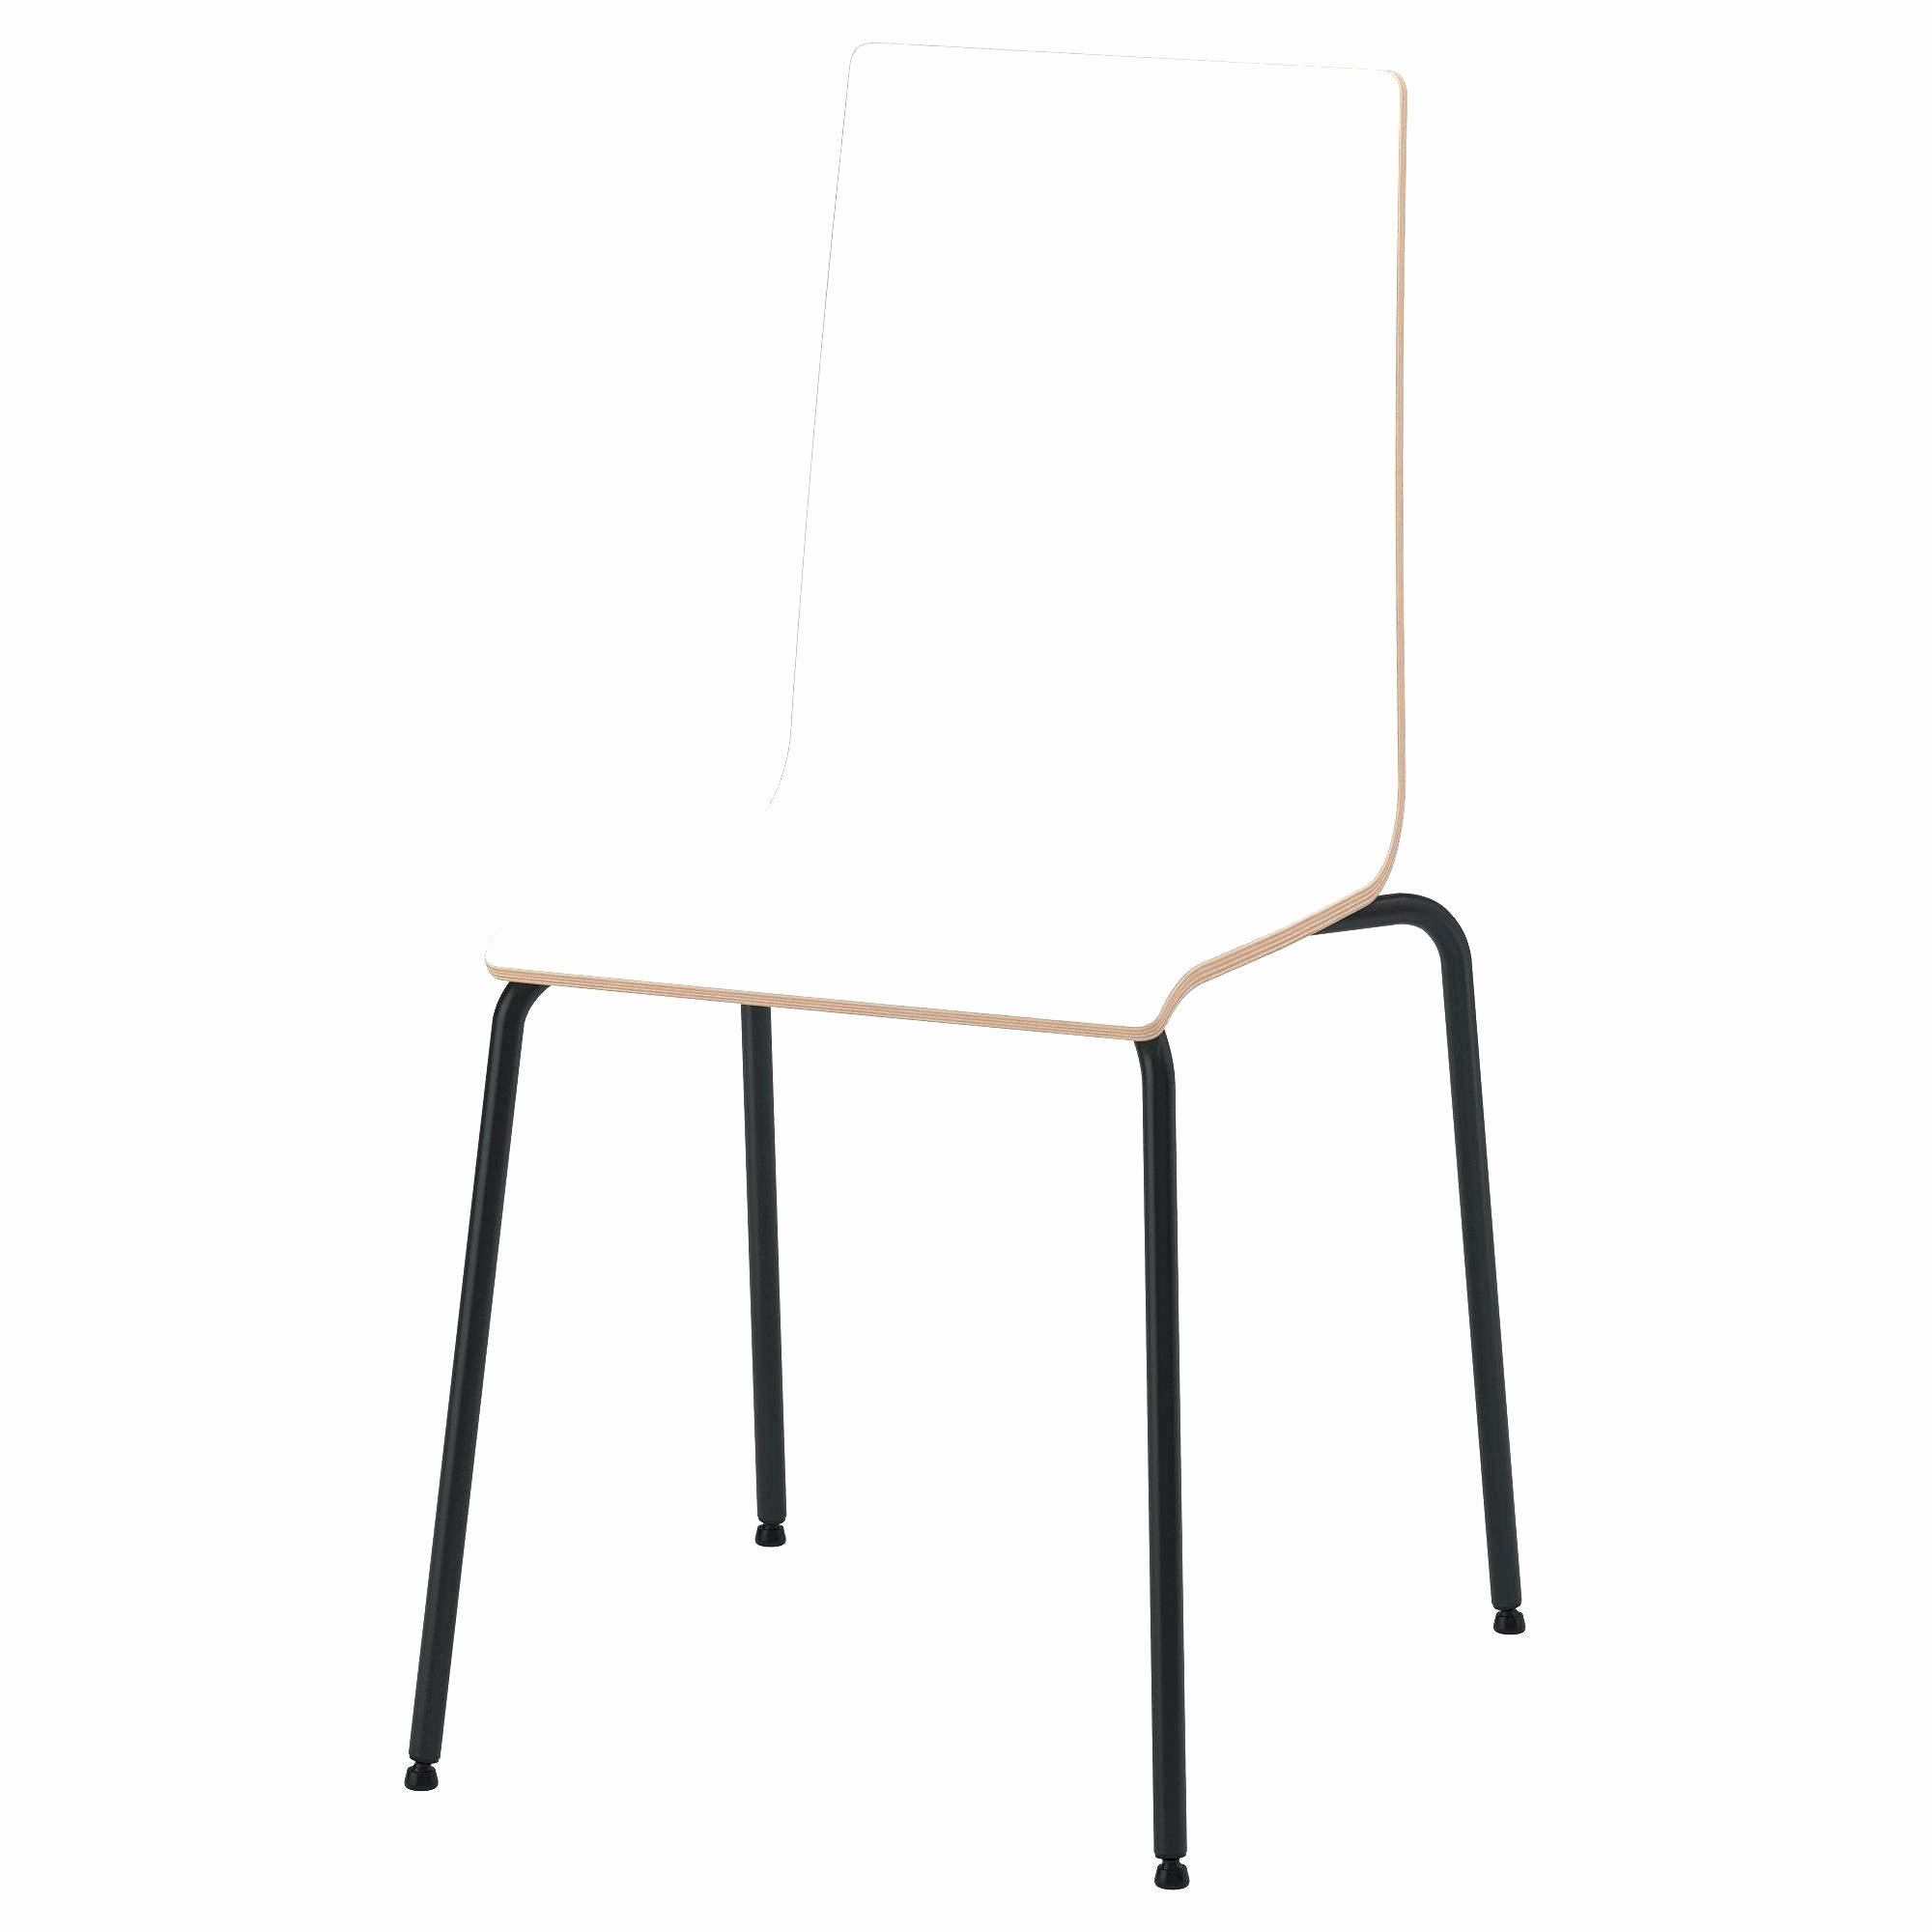 fauteuil gaming pas cher nouveau chaise vintage tissu fauteuil de table tissu frais fauteuil salon 0d of fauteuil gaming pas cher